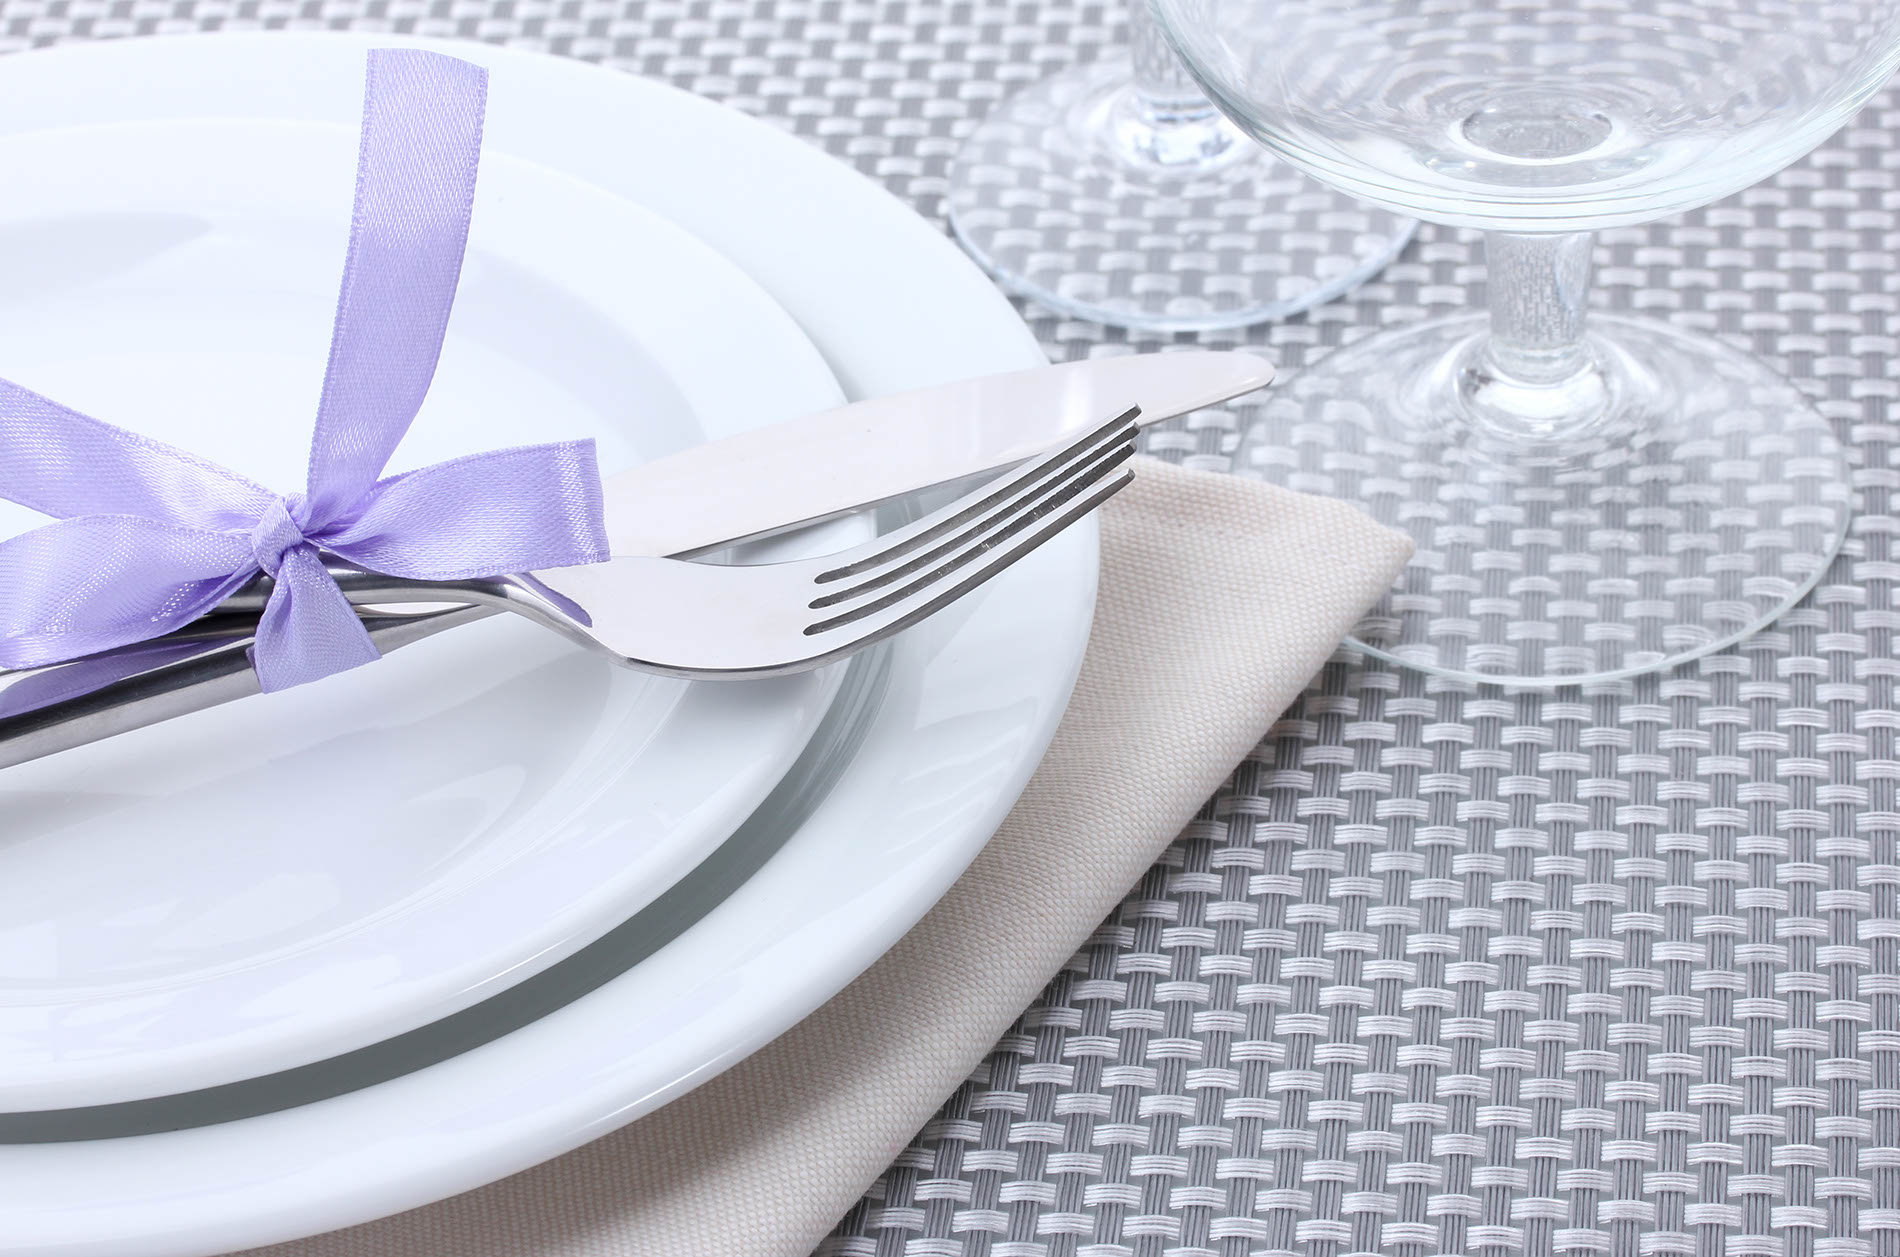 Nůž a vidlička Gourmet Excelent svázané mašlí a položené na prostřeném talíři